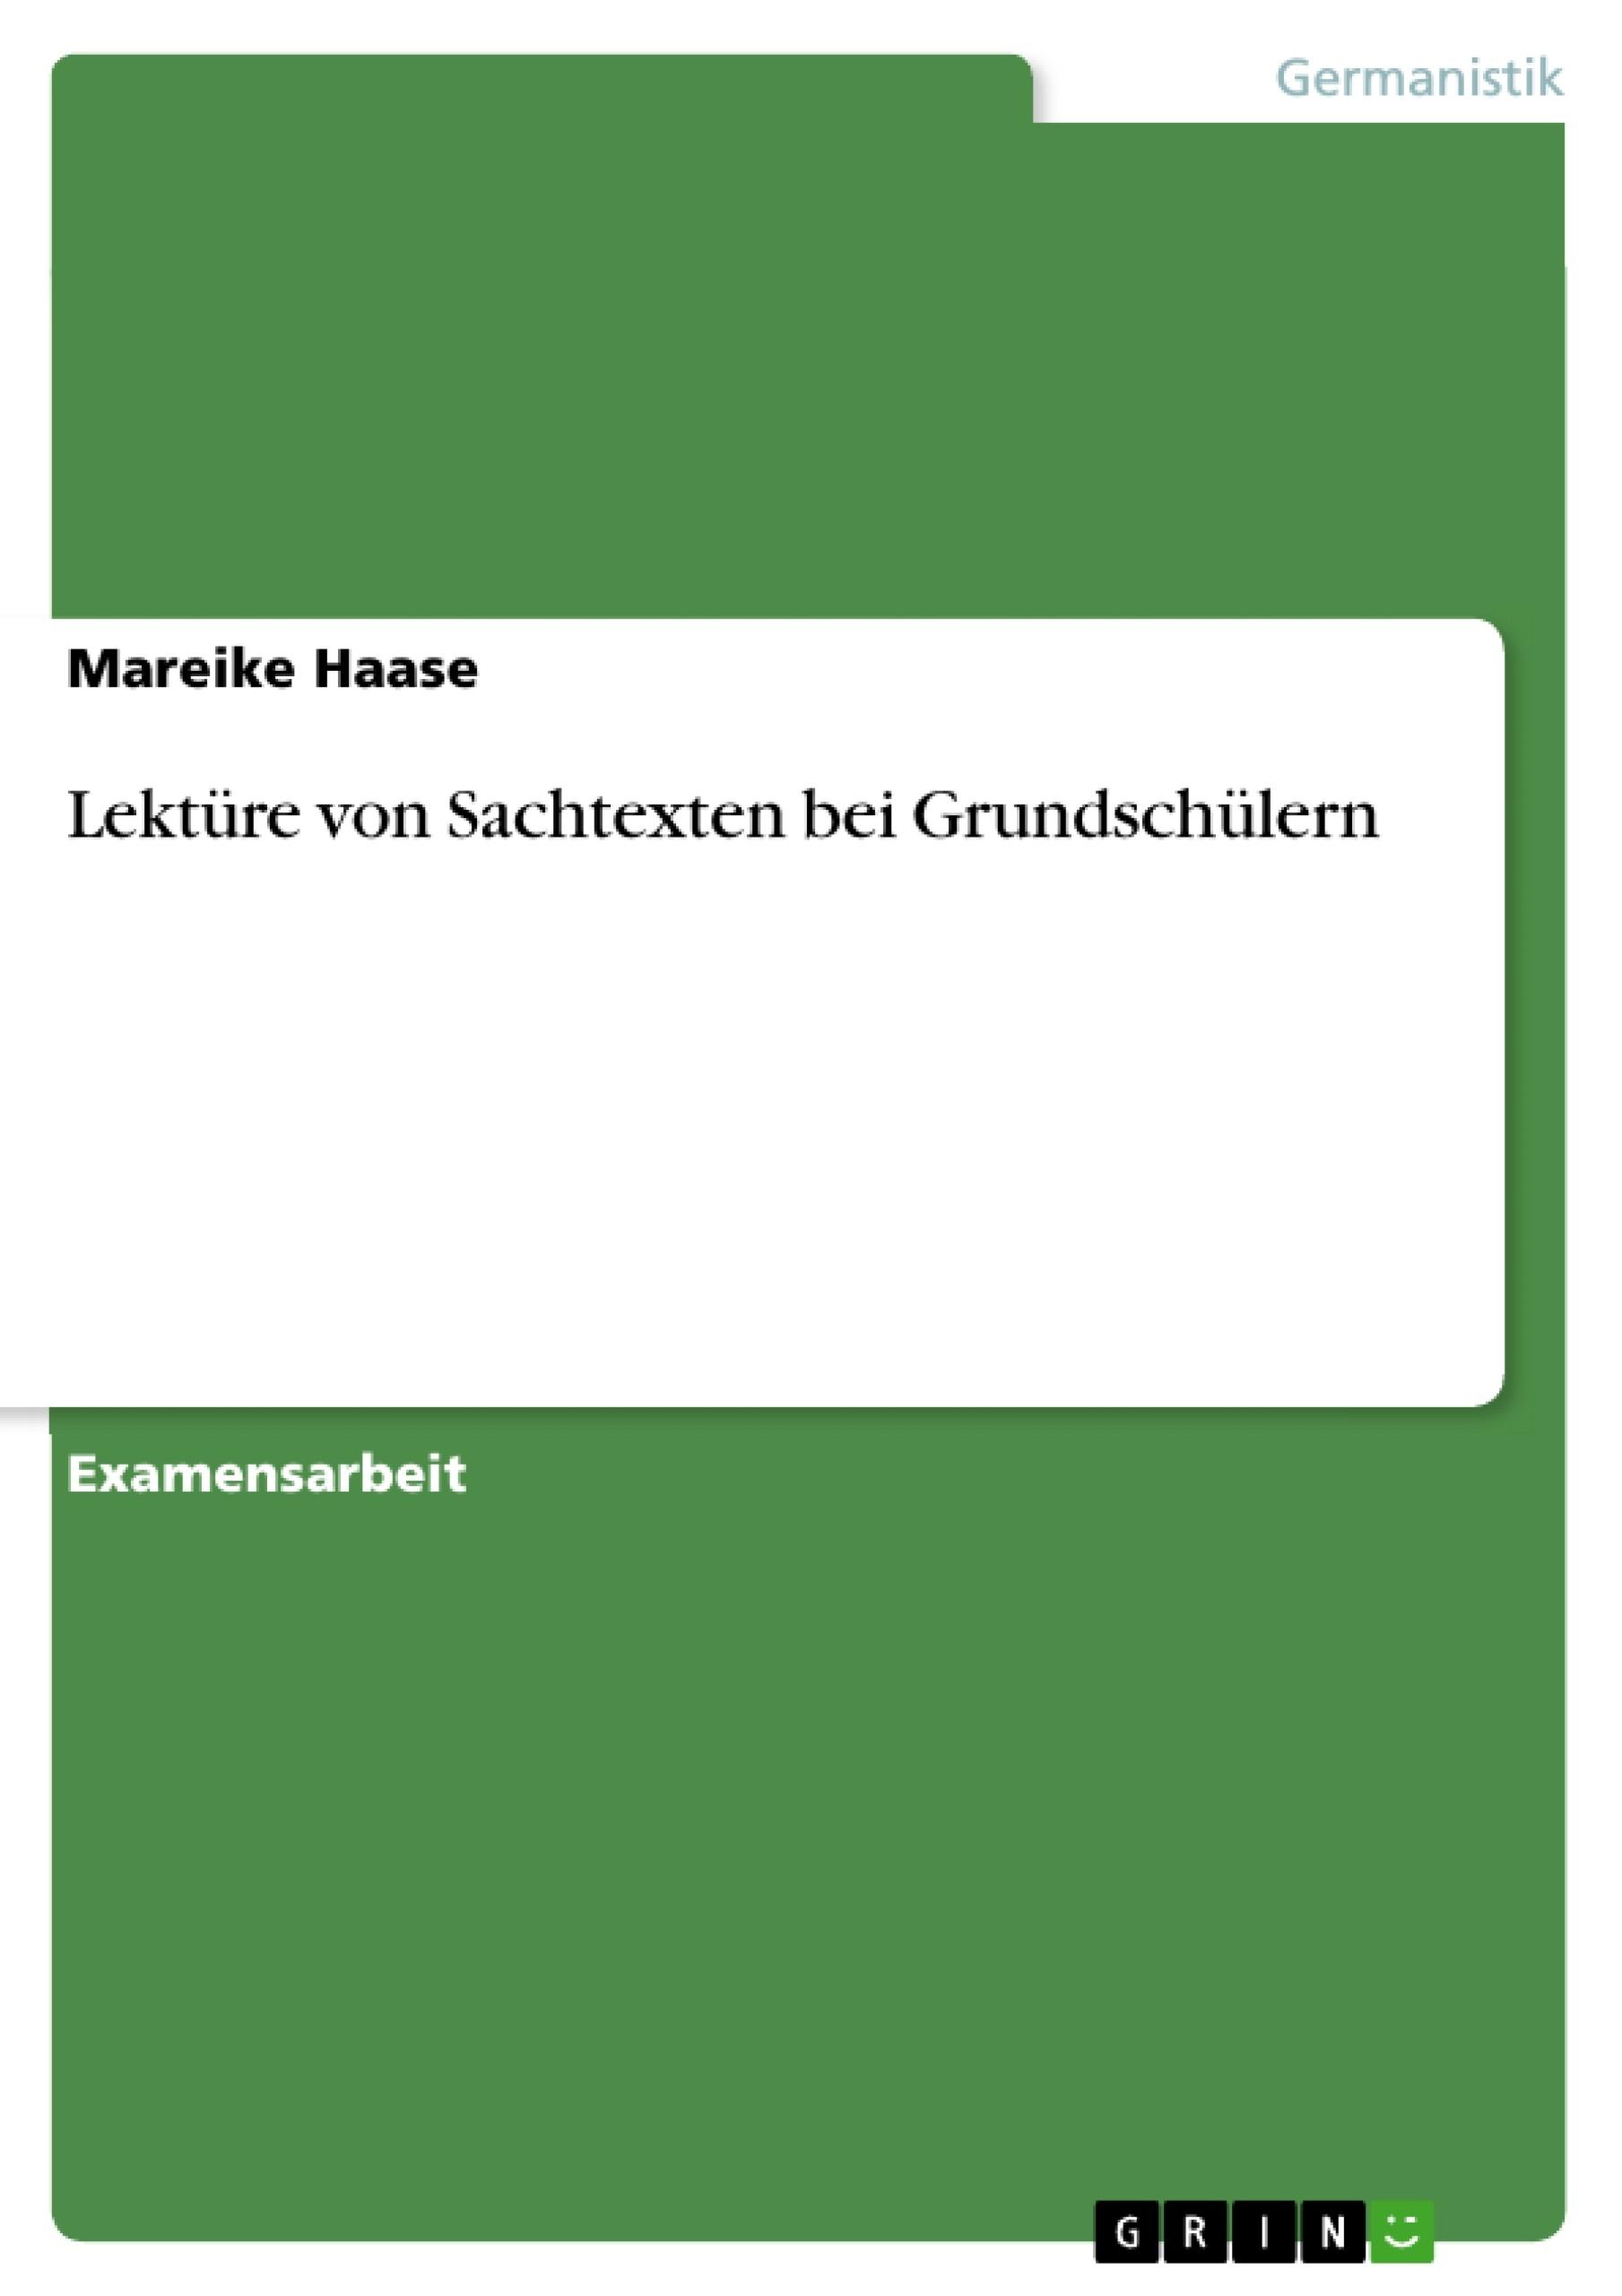 Titel: Lektüre von Sachtexten bei Grundschülern